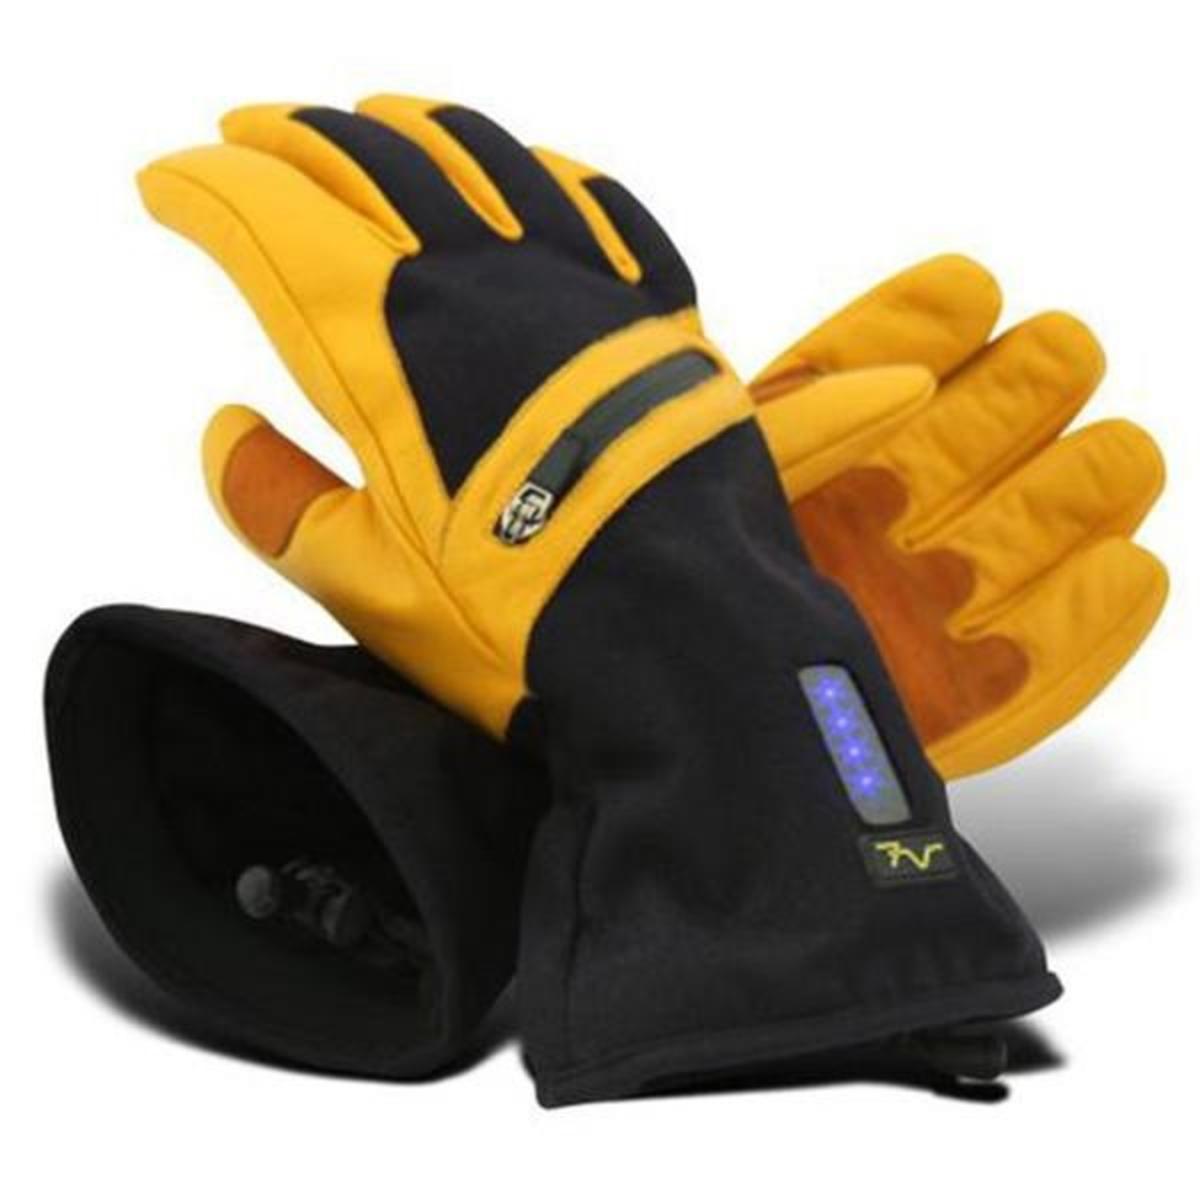 Volt Heated Work Gloves 2